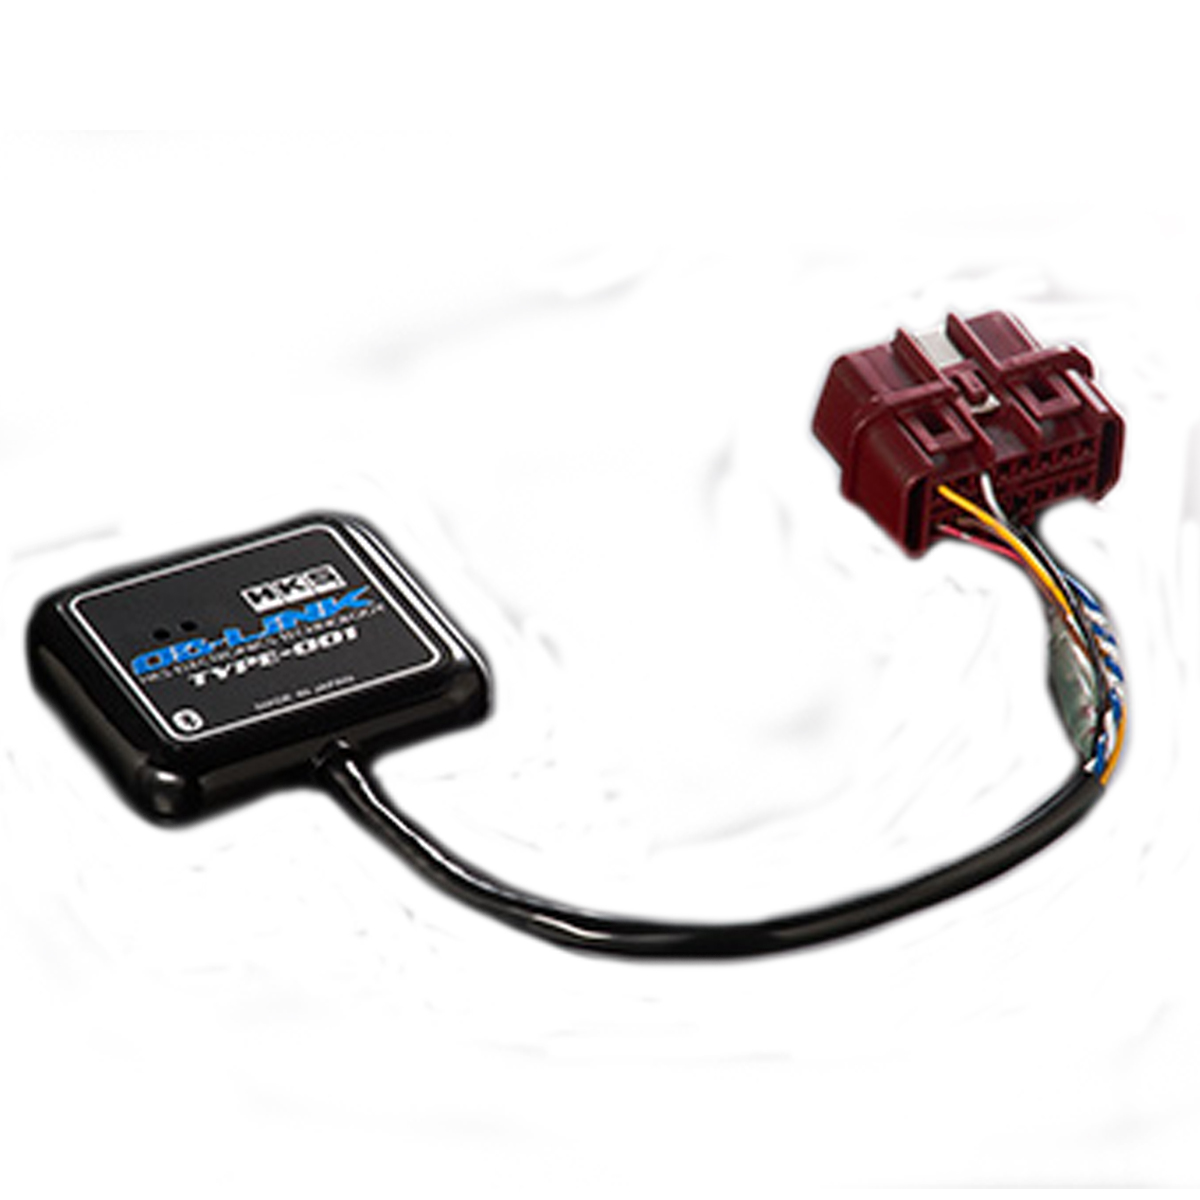 ビアンテ モニター OBリンク タイプ 001 CCEFW HKS 44009-AK002 エレクトリニクス